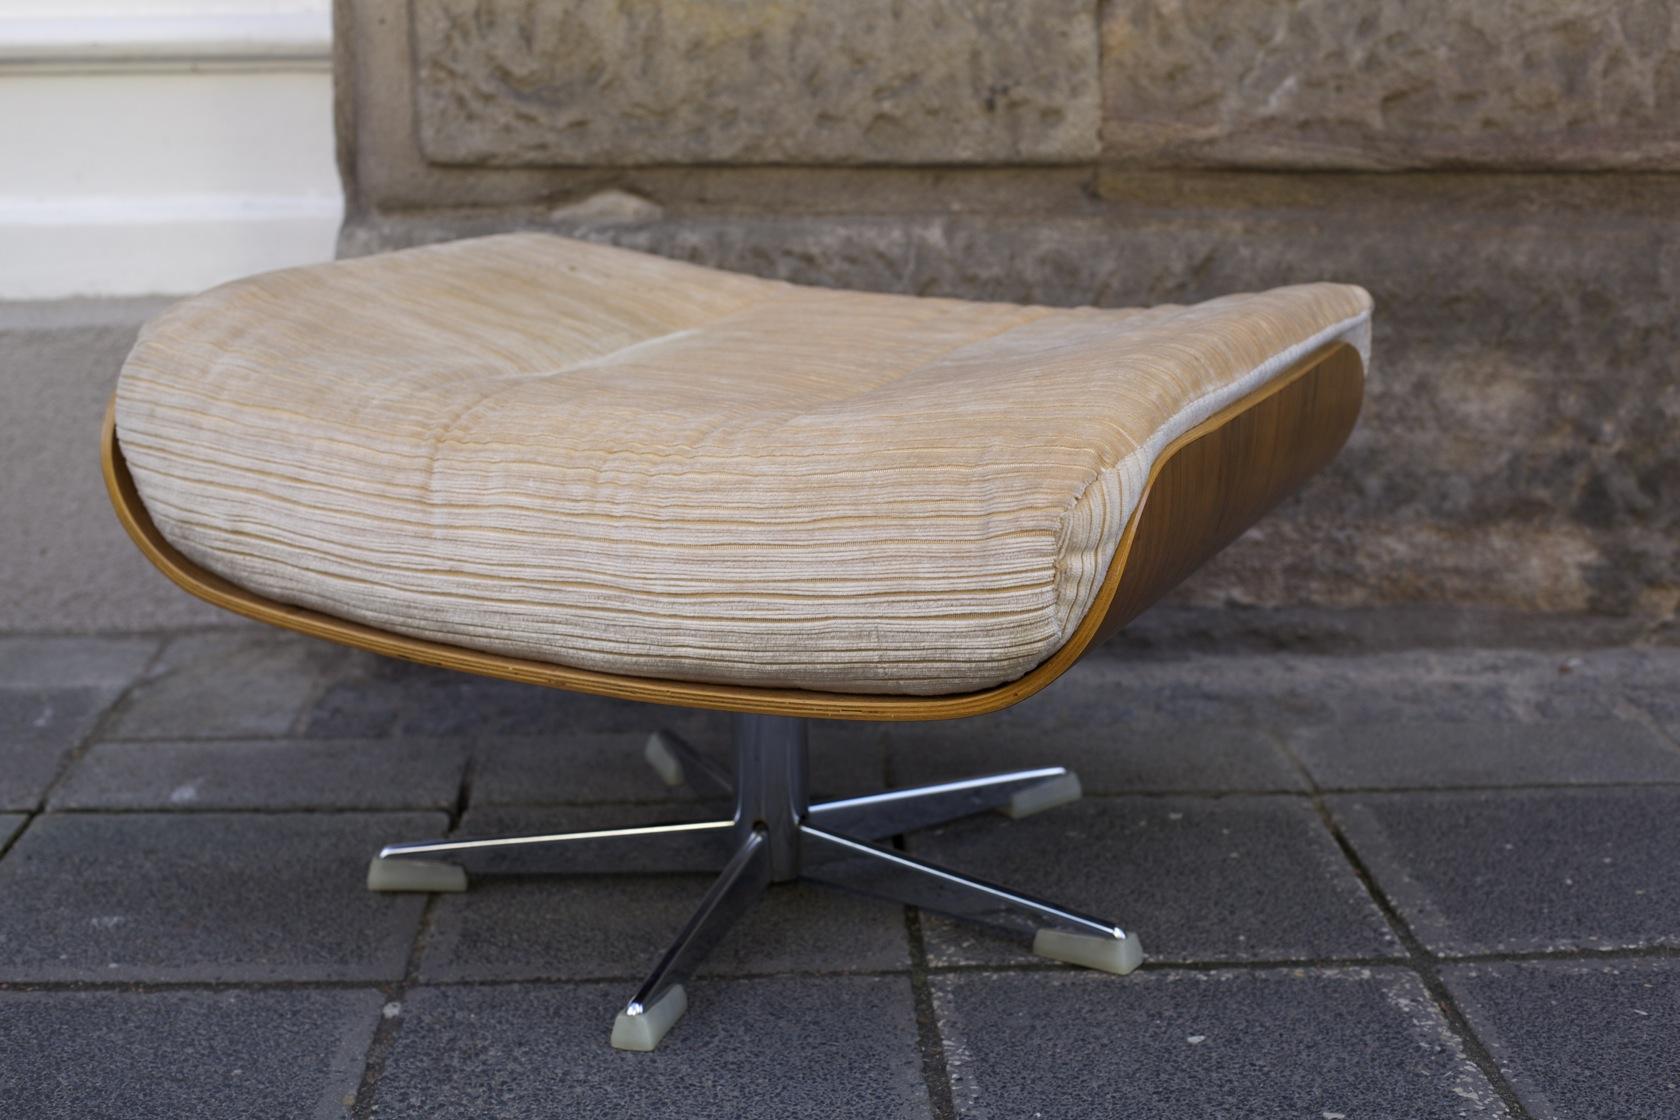 Hocker ottoman kopie raumwunder vintage wohnen in for Eames stuhl kopie